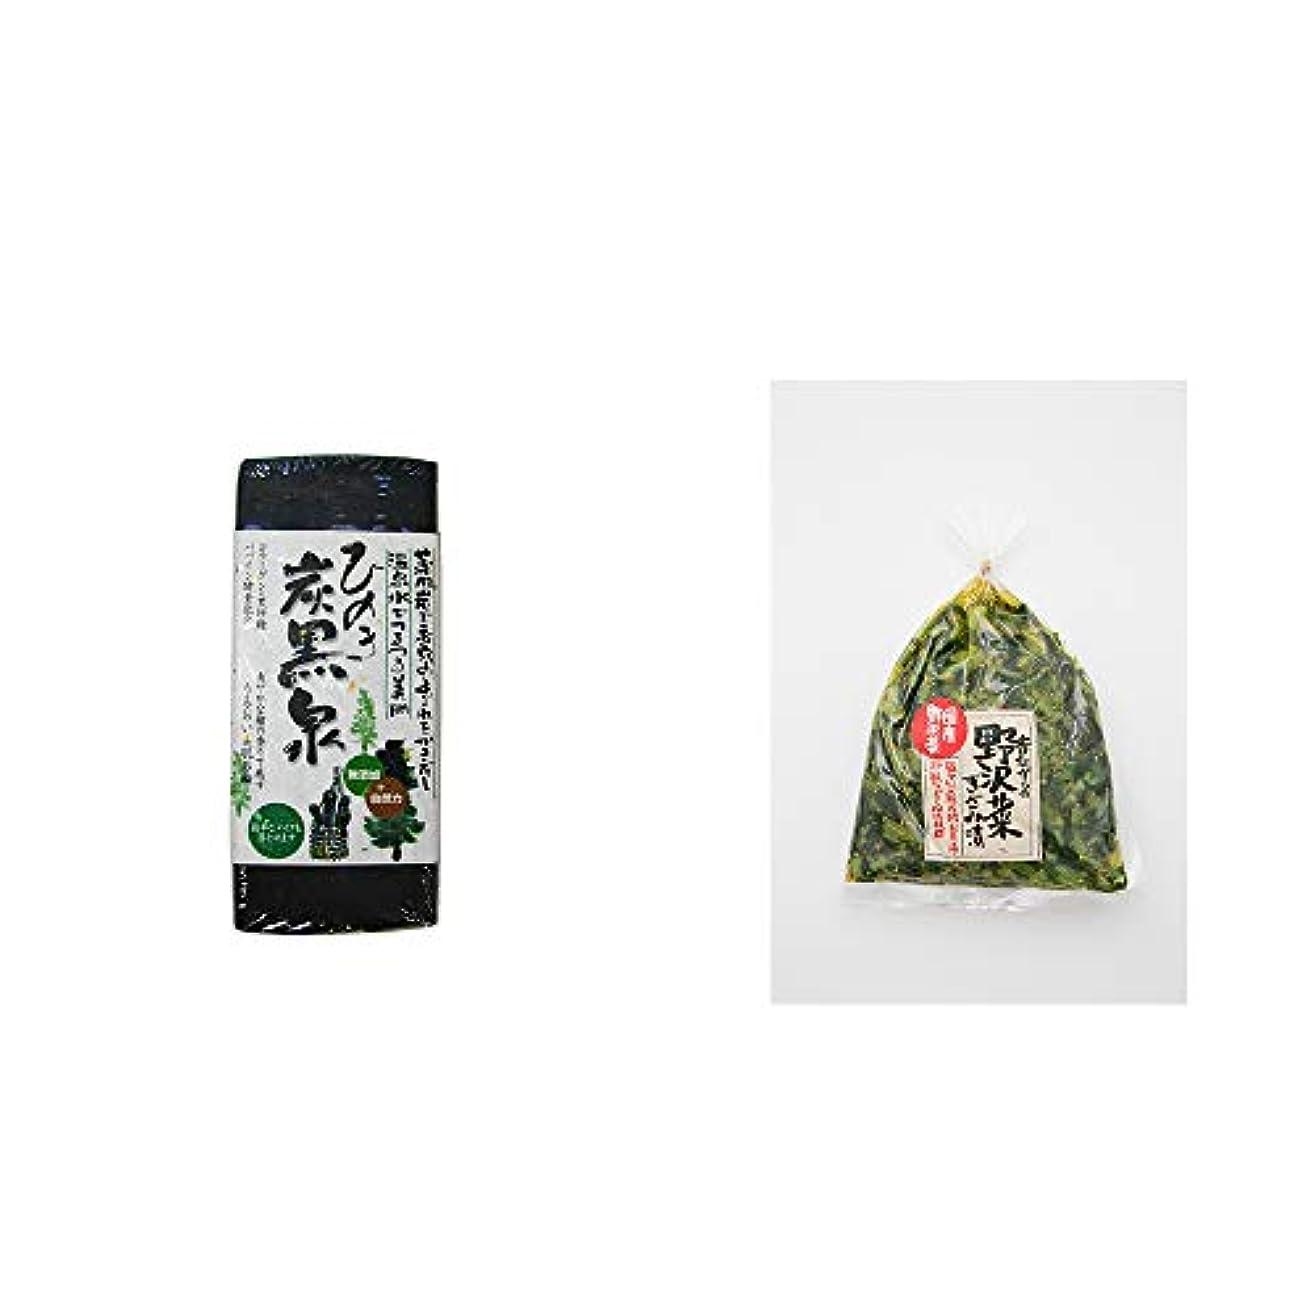 連続した収まるそばに[2点セット] ひのき炭黒泉(75g×2)?国産 昔ながらの野沢菜きざみ漬け(150g)